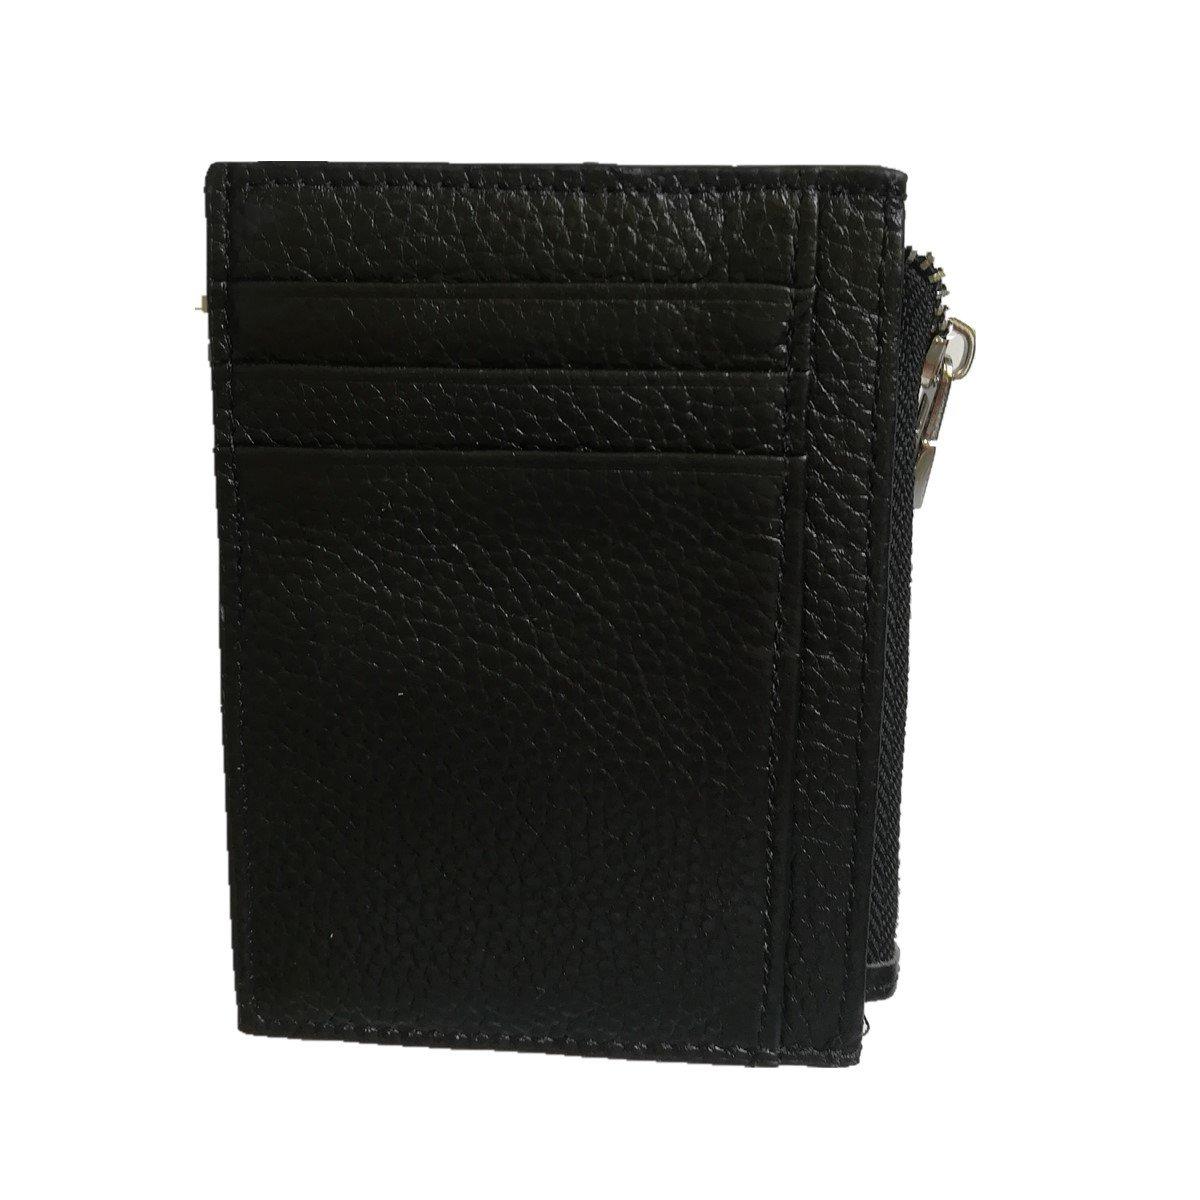 Credit Card Holder,Jingleer Slim RFID Blocking Front Pocket Leather Credit Card Wallet for Men,7 Card Slots & Imported Genuine Leather